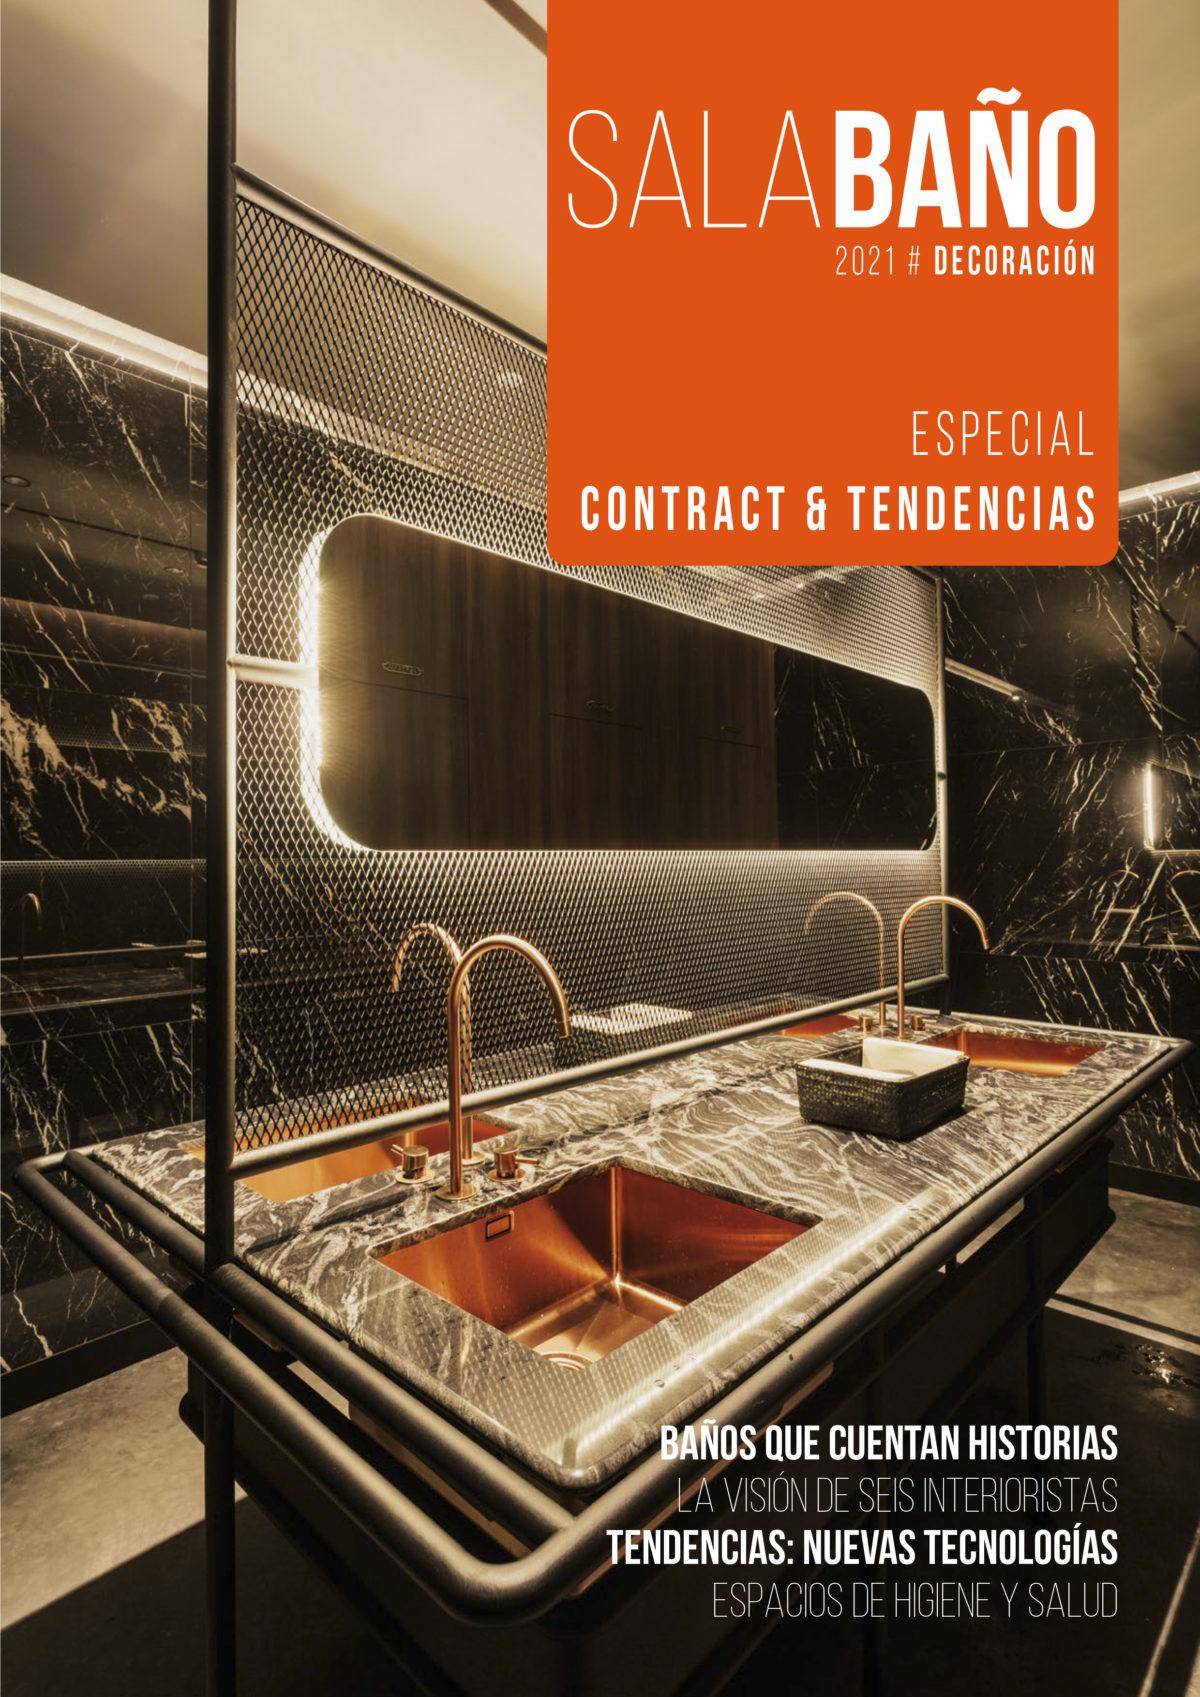 Revista Sala Baño especial Contract y Tendencias - Rosa Colet Interior Design Diseñadora Interiorista